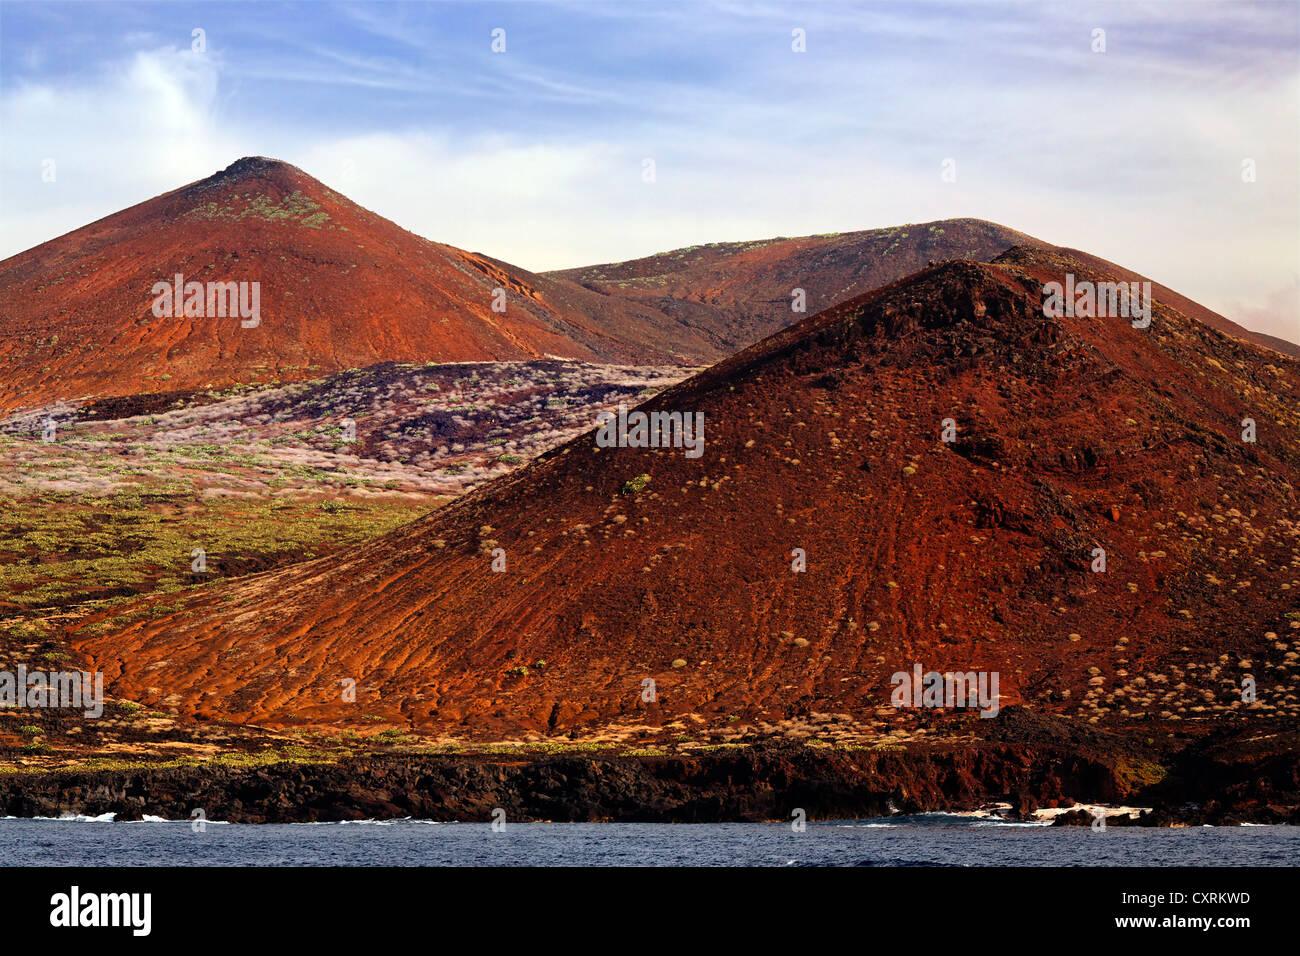 Paysage de collines volcaniques sur la côte, l'île de San Benedicto, près de Socorro, Îles Photo Stock